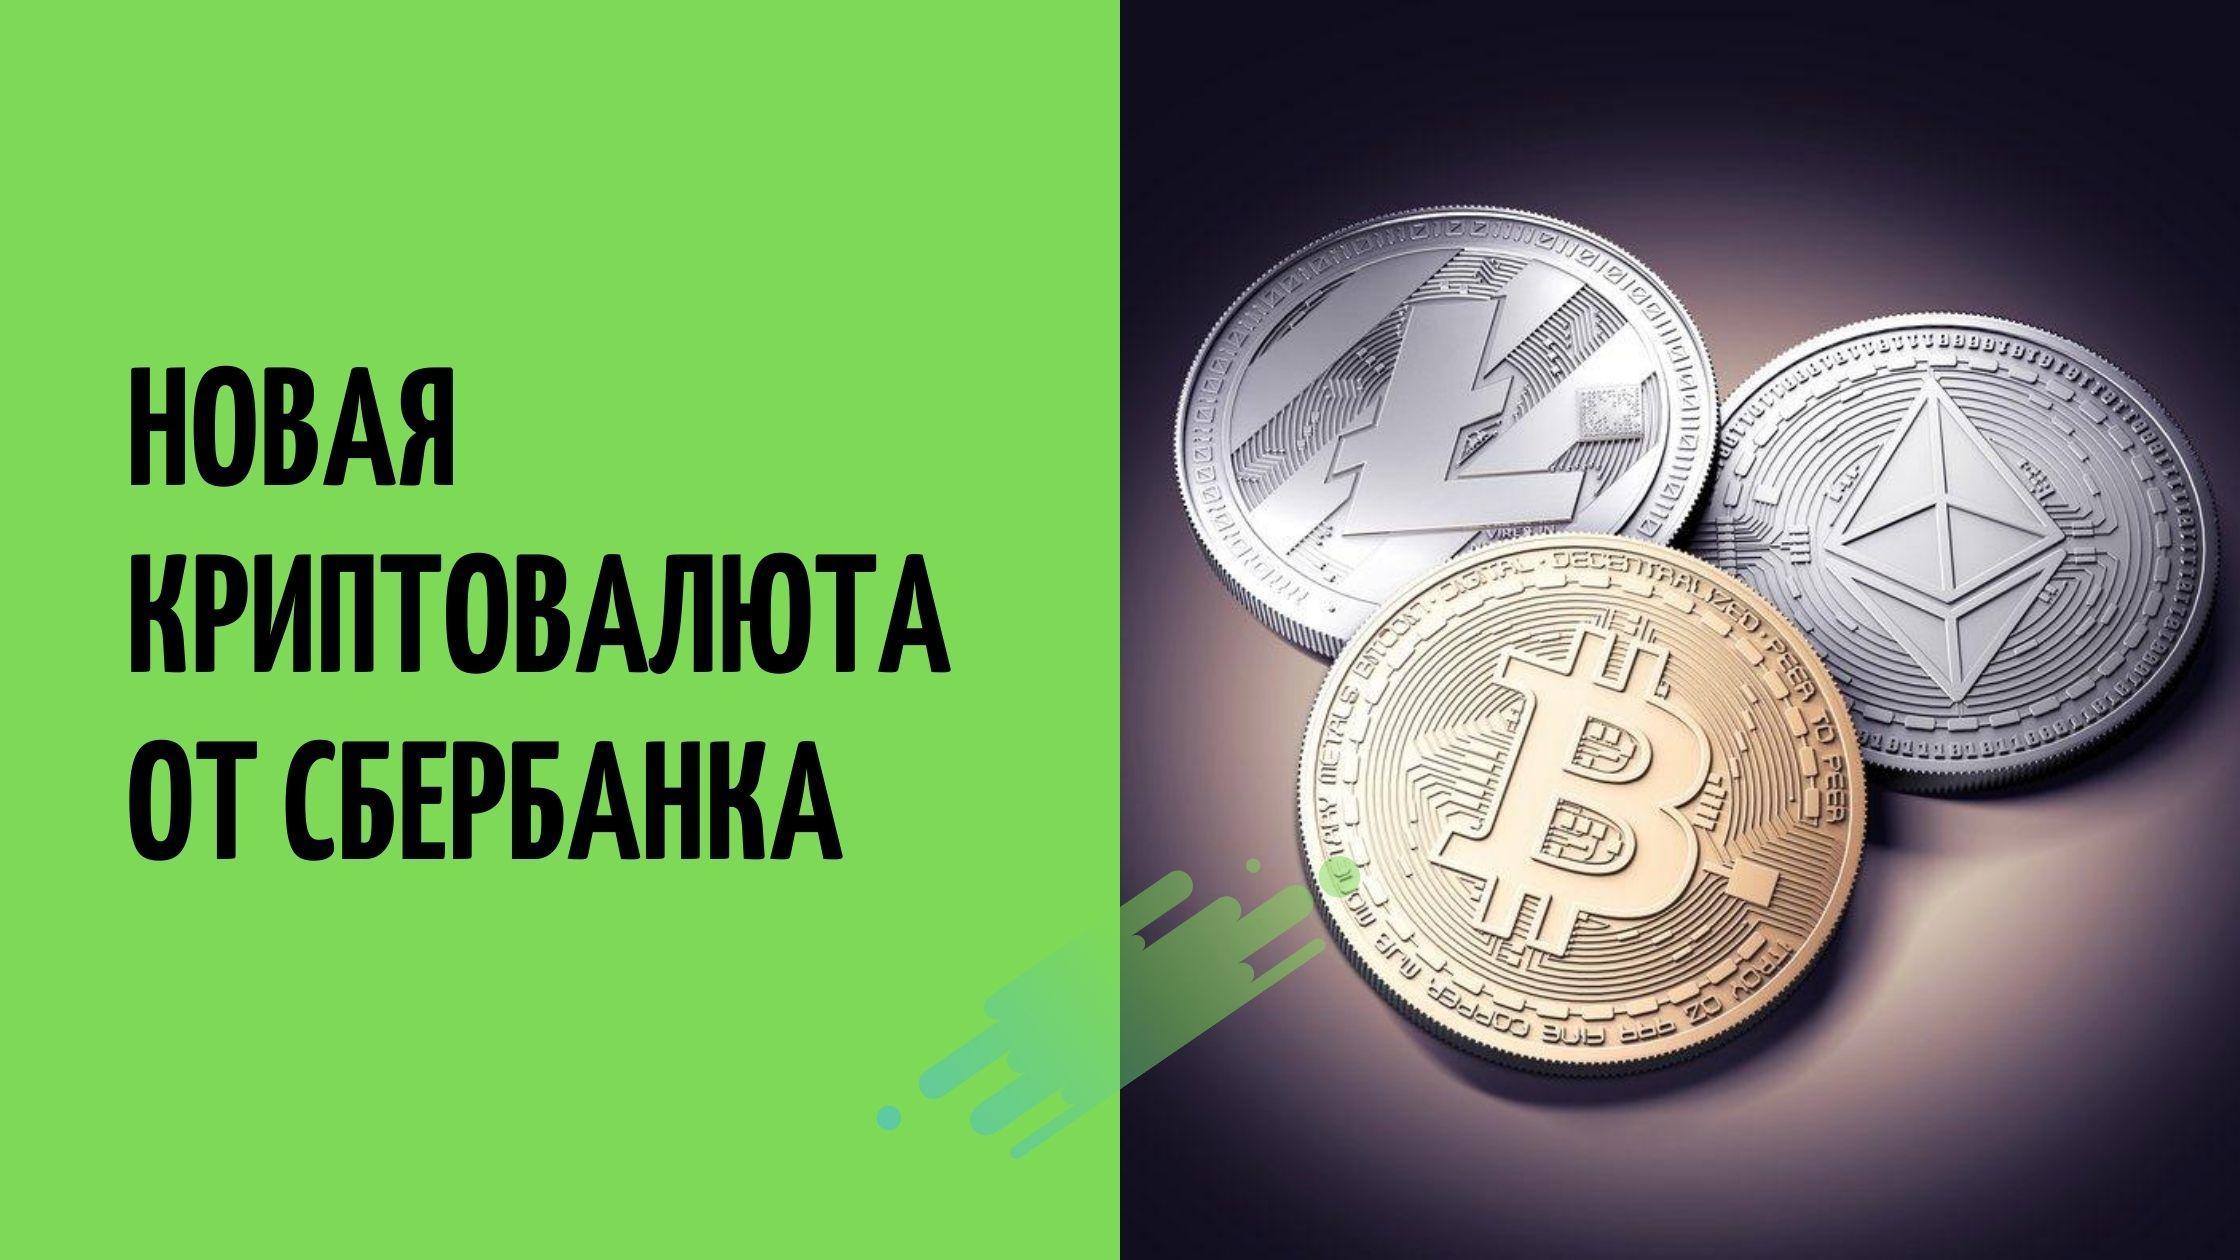 Криптовалюта Сбербанка